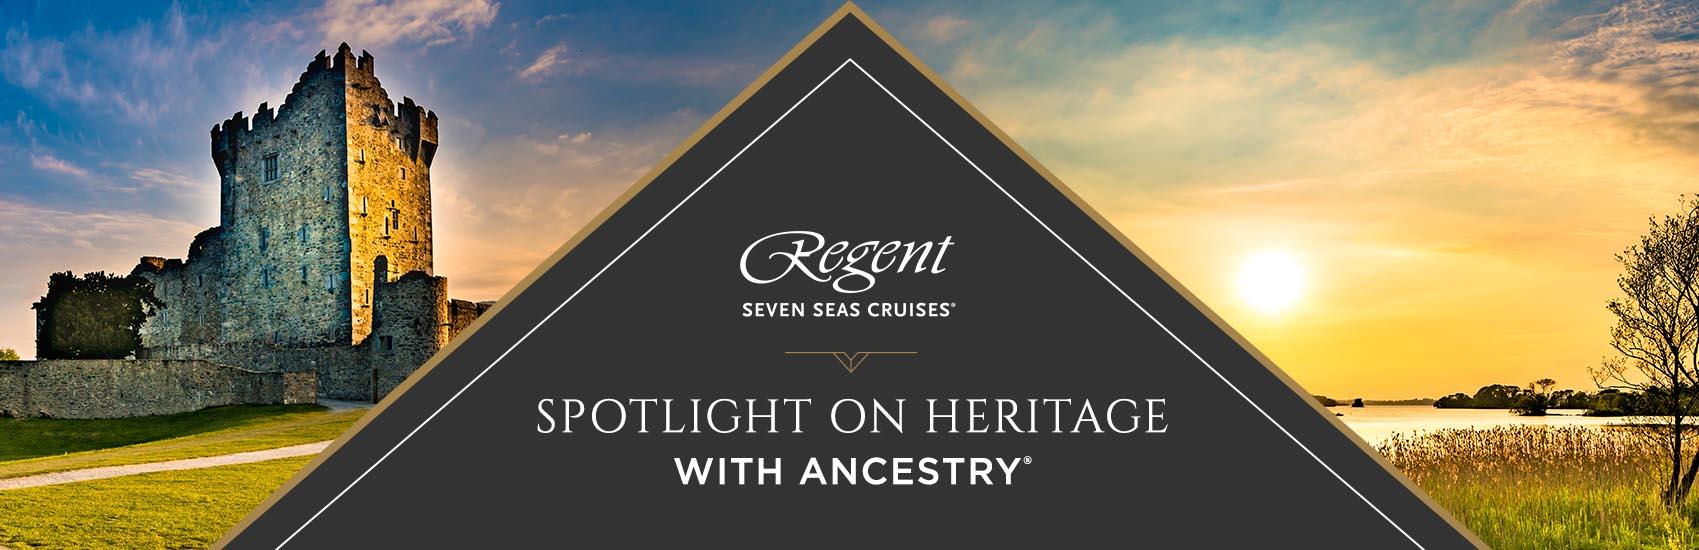 Se retrouver et célébrer avec Regent Seven Seas Cruises 4